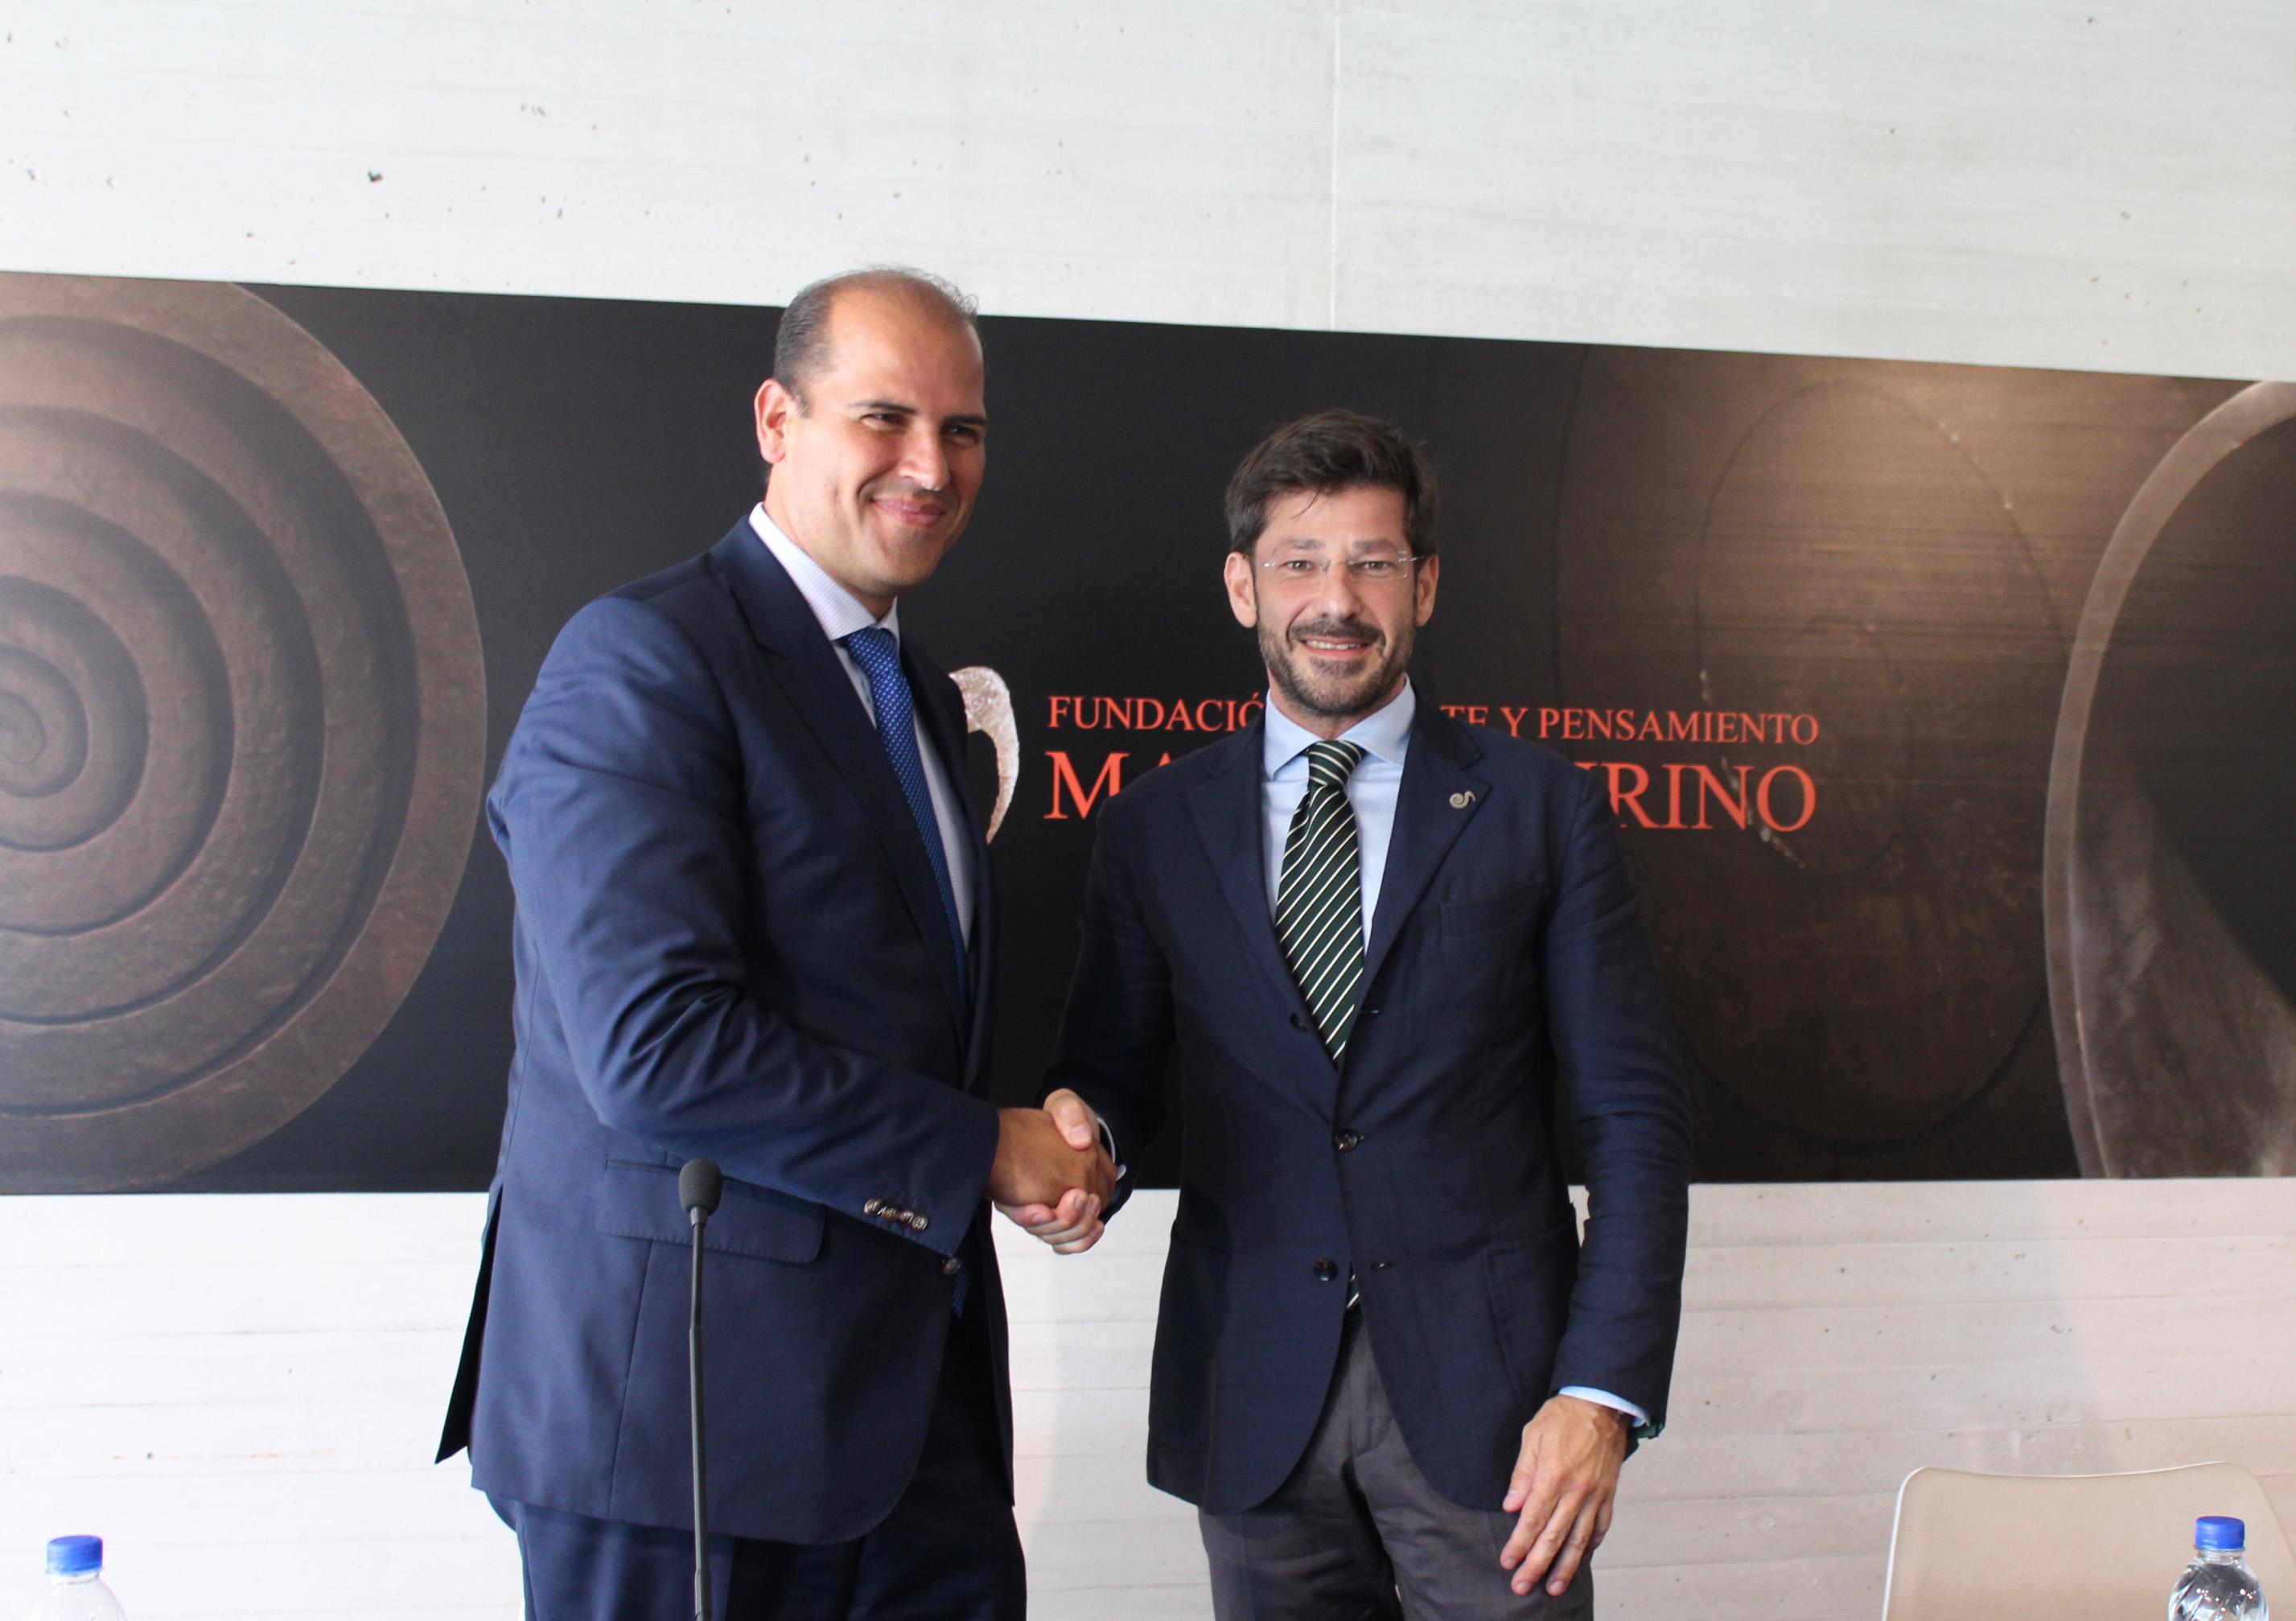 Fundación Martín Chirino